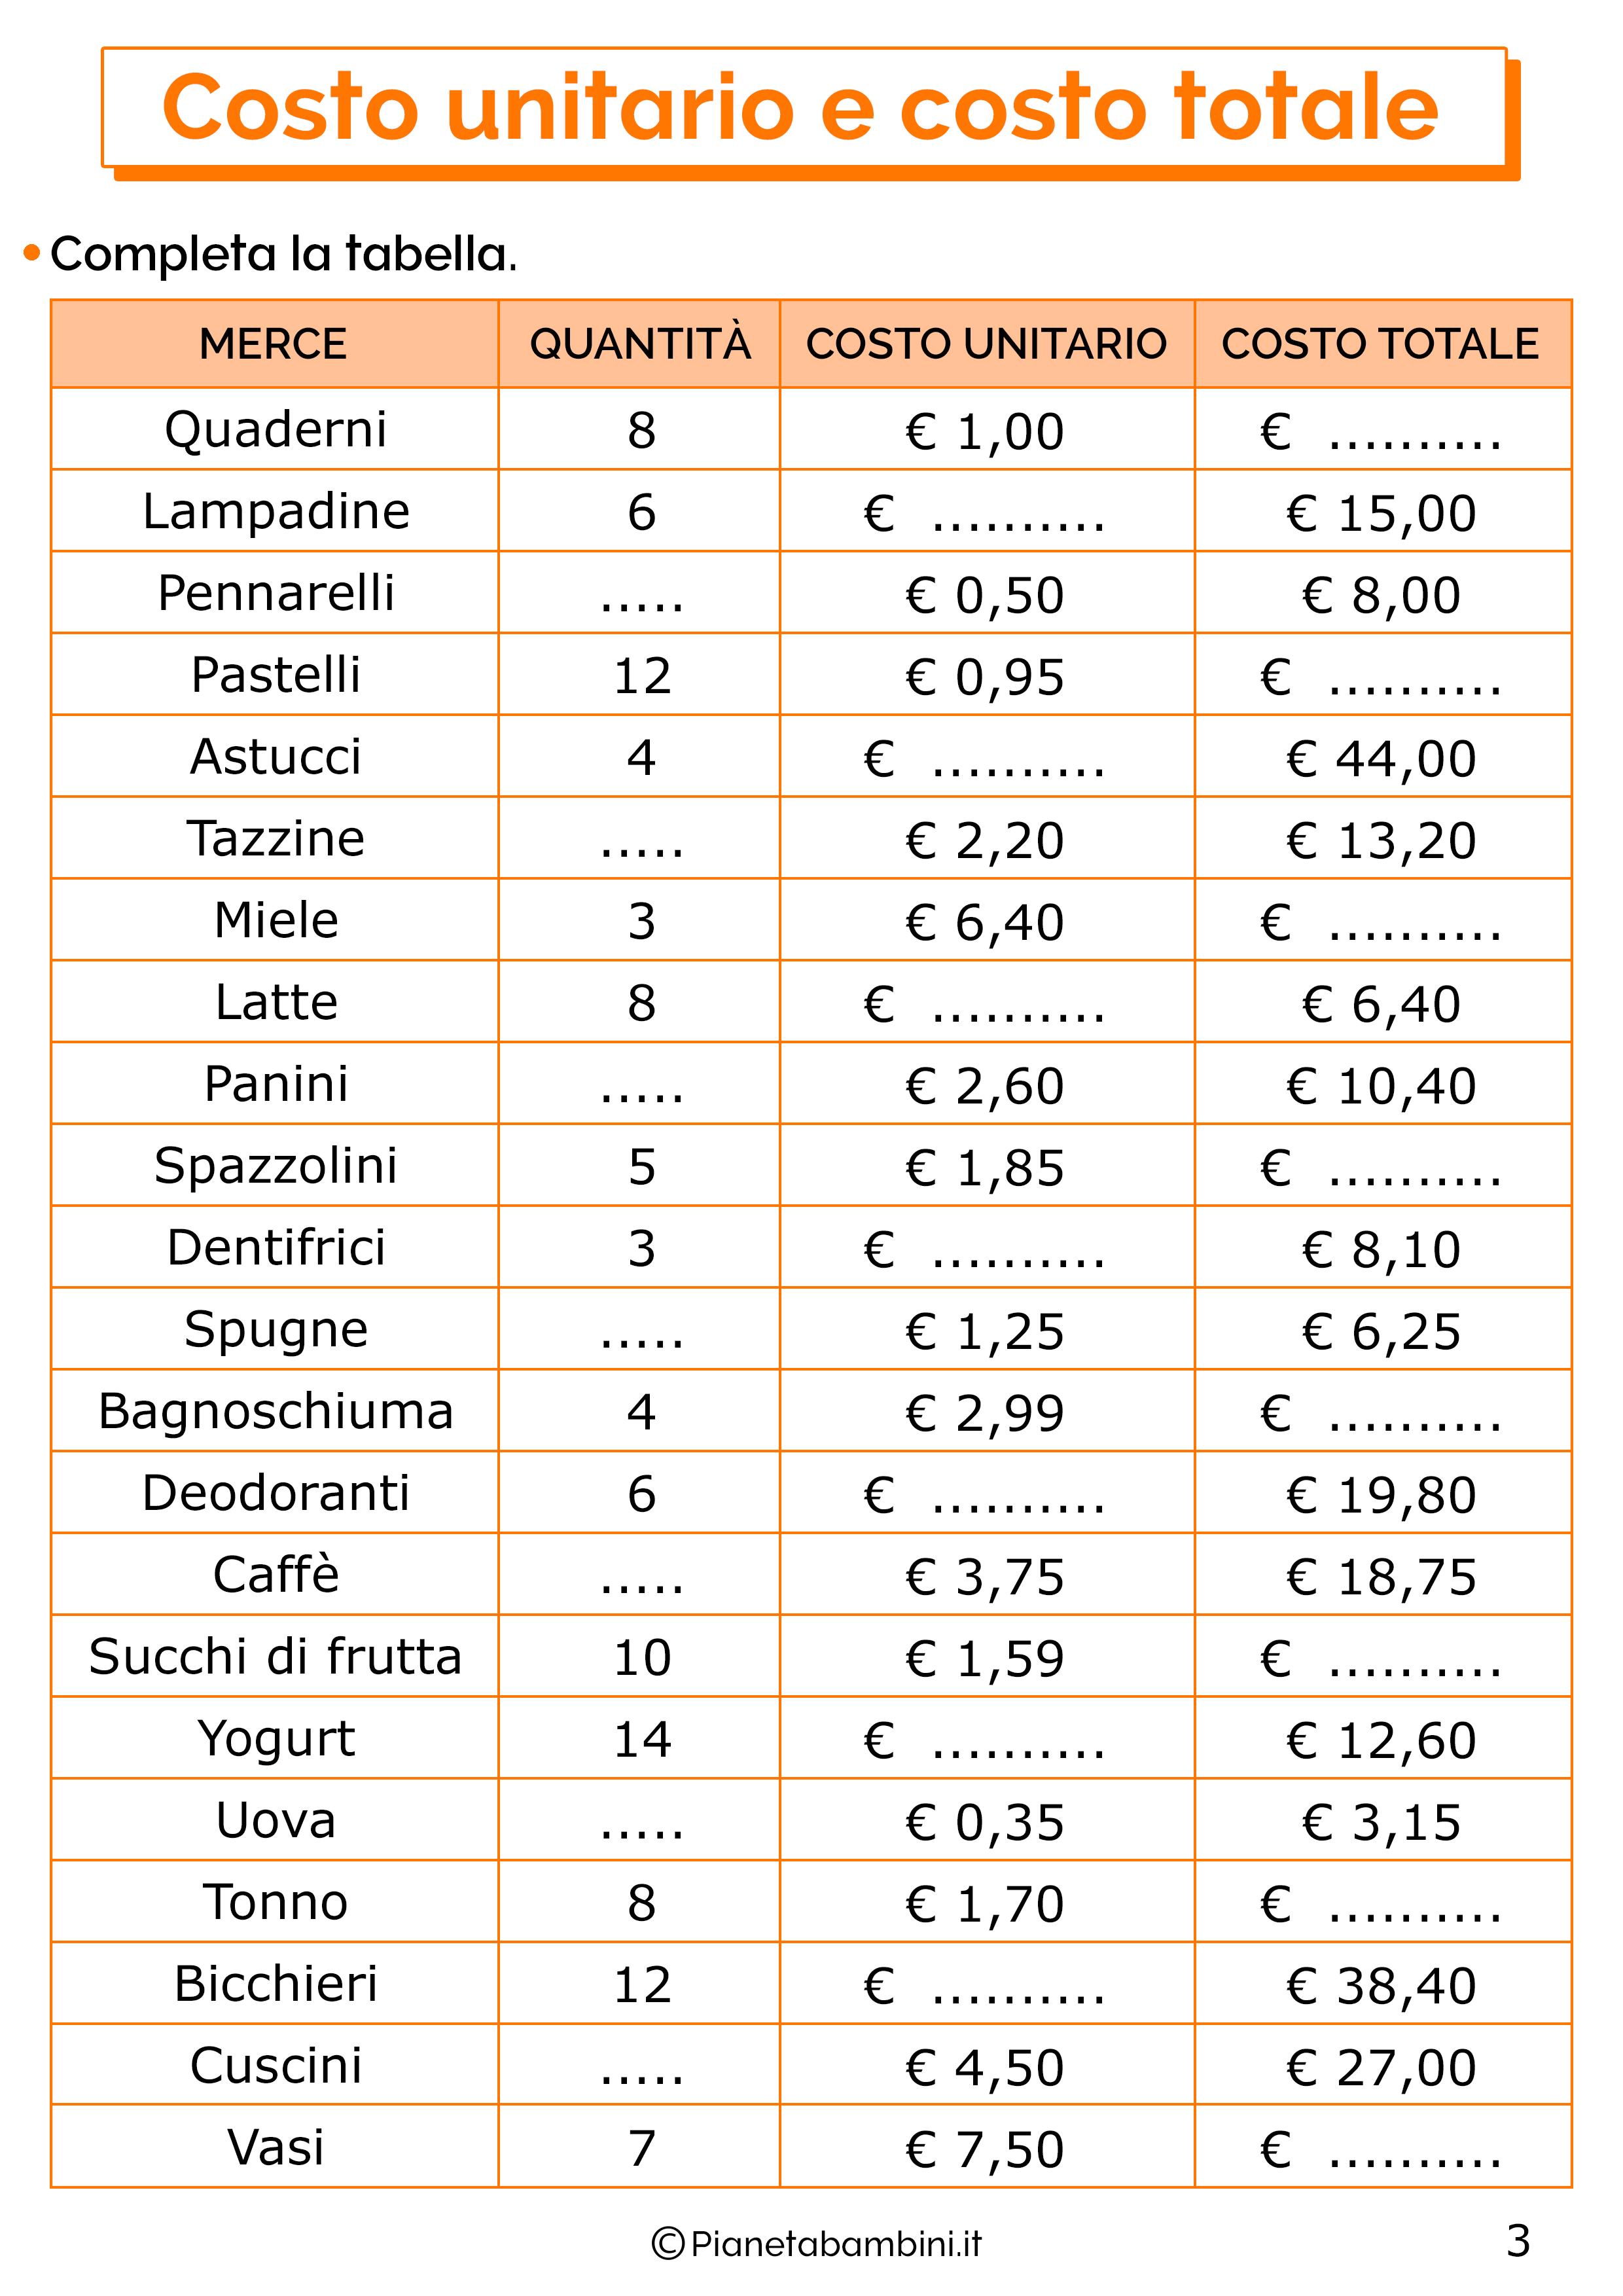 Esercizi su costo unitario e costo totale 3